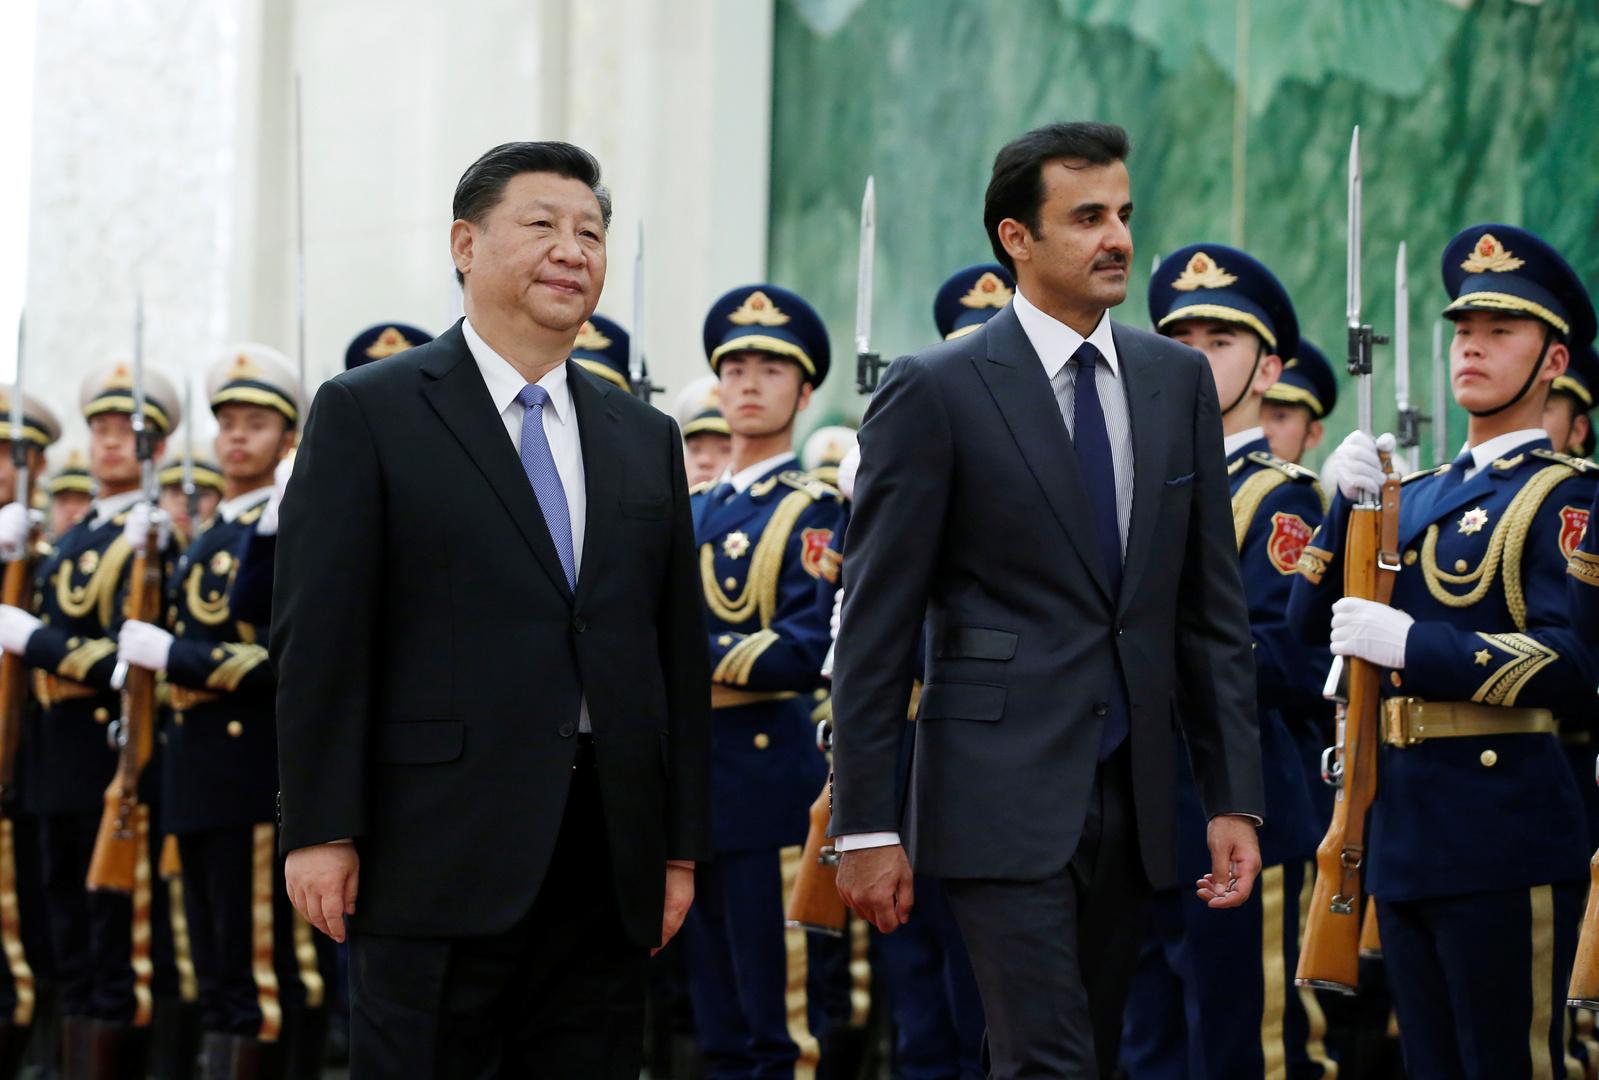 أمير قطر يبدي قناعته بقدرة الصين على الفوز في المعركة ضد فيروس